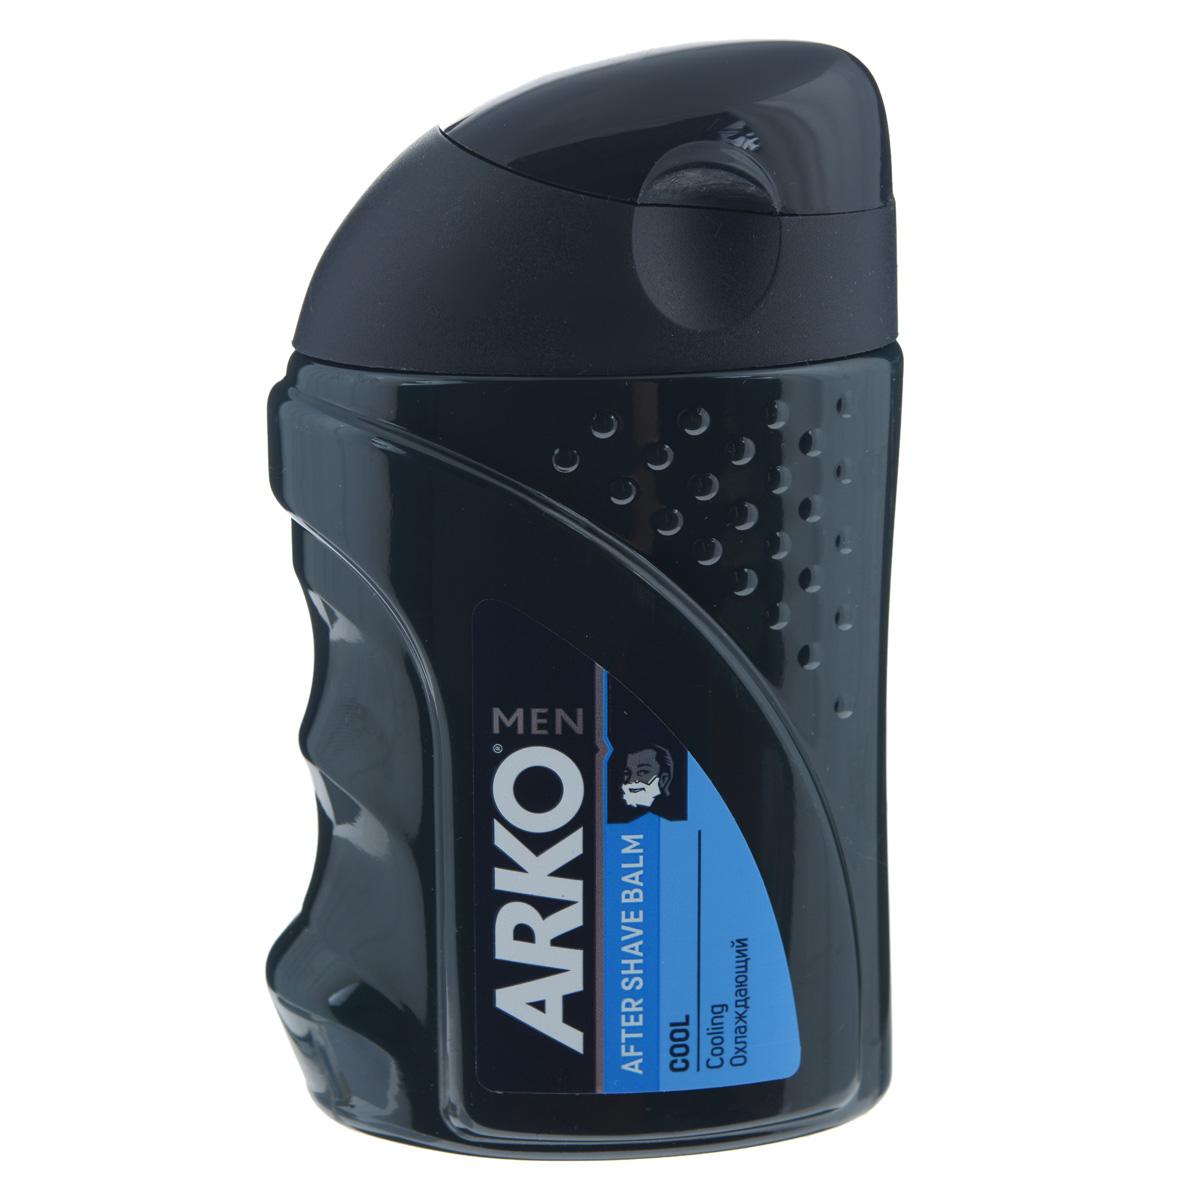 Arko MEN Бальзам после бритья Cool 150мл800537111защищает Вашу кожу от эффекта сухости, вызванного бритьем и оставляет долгое ощущение комфорта